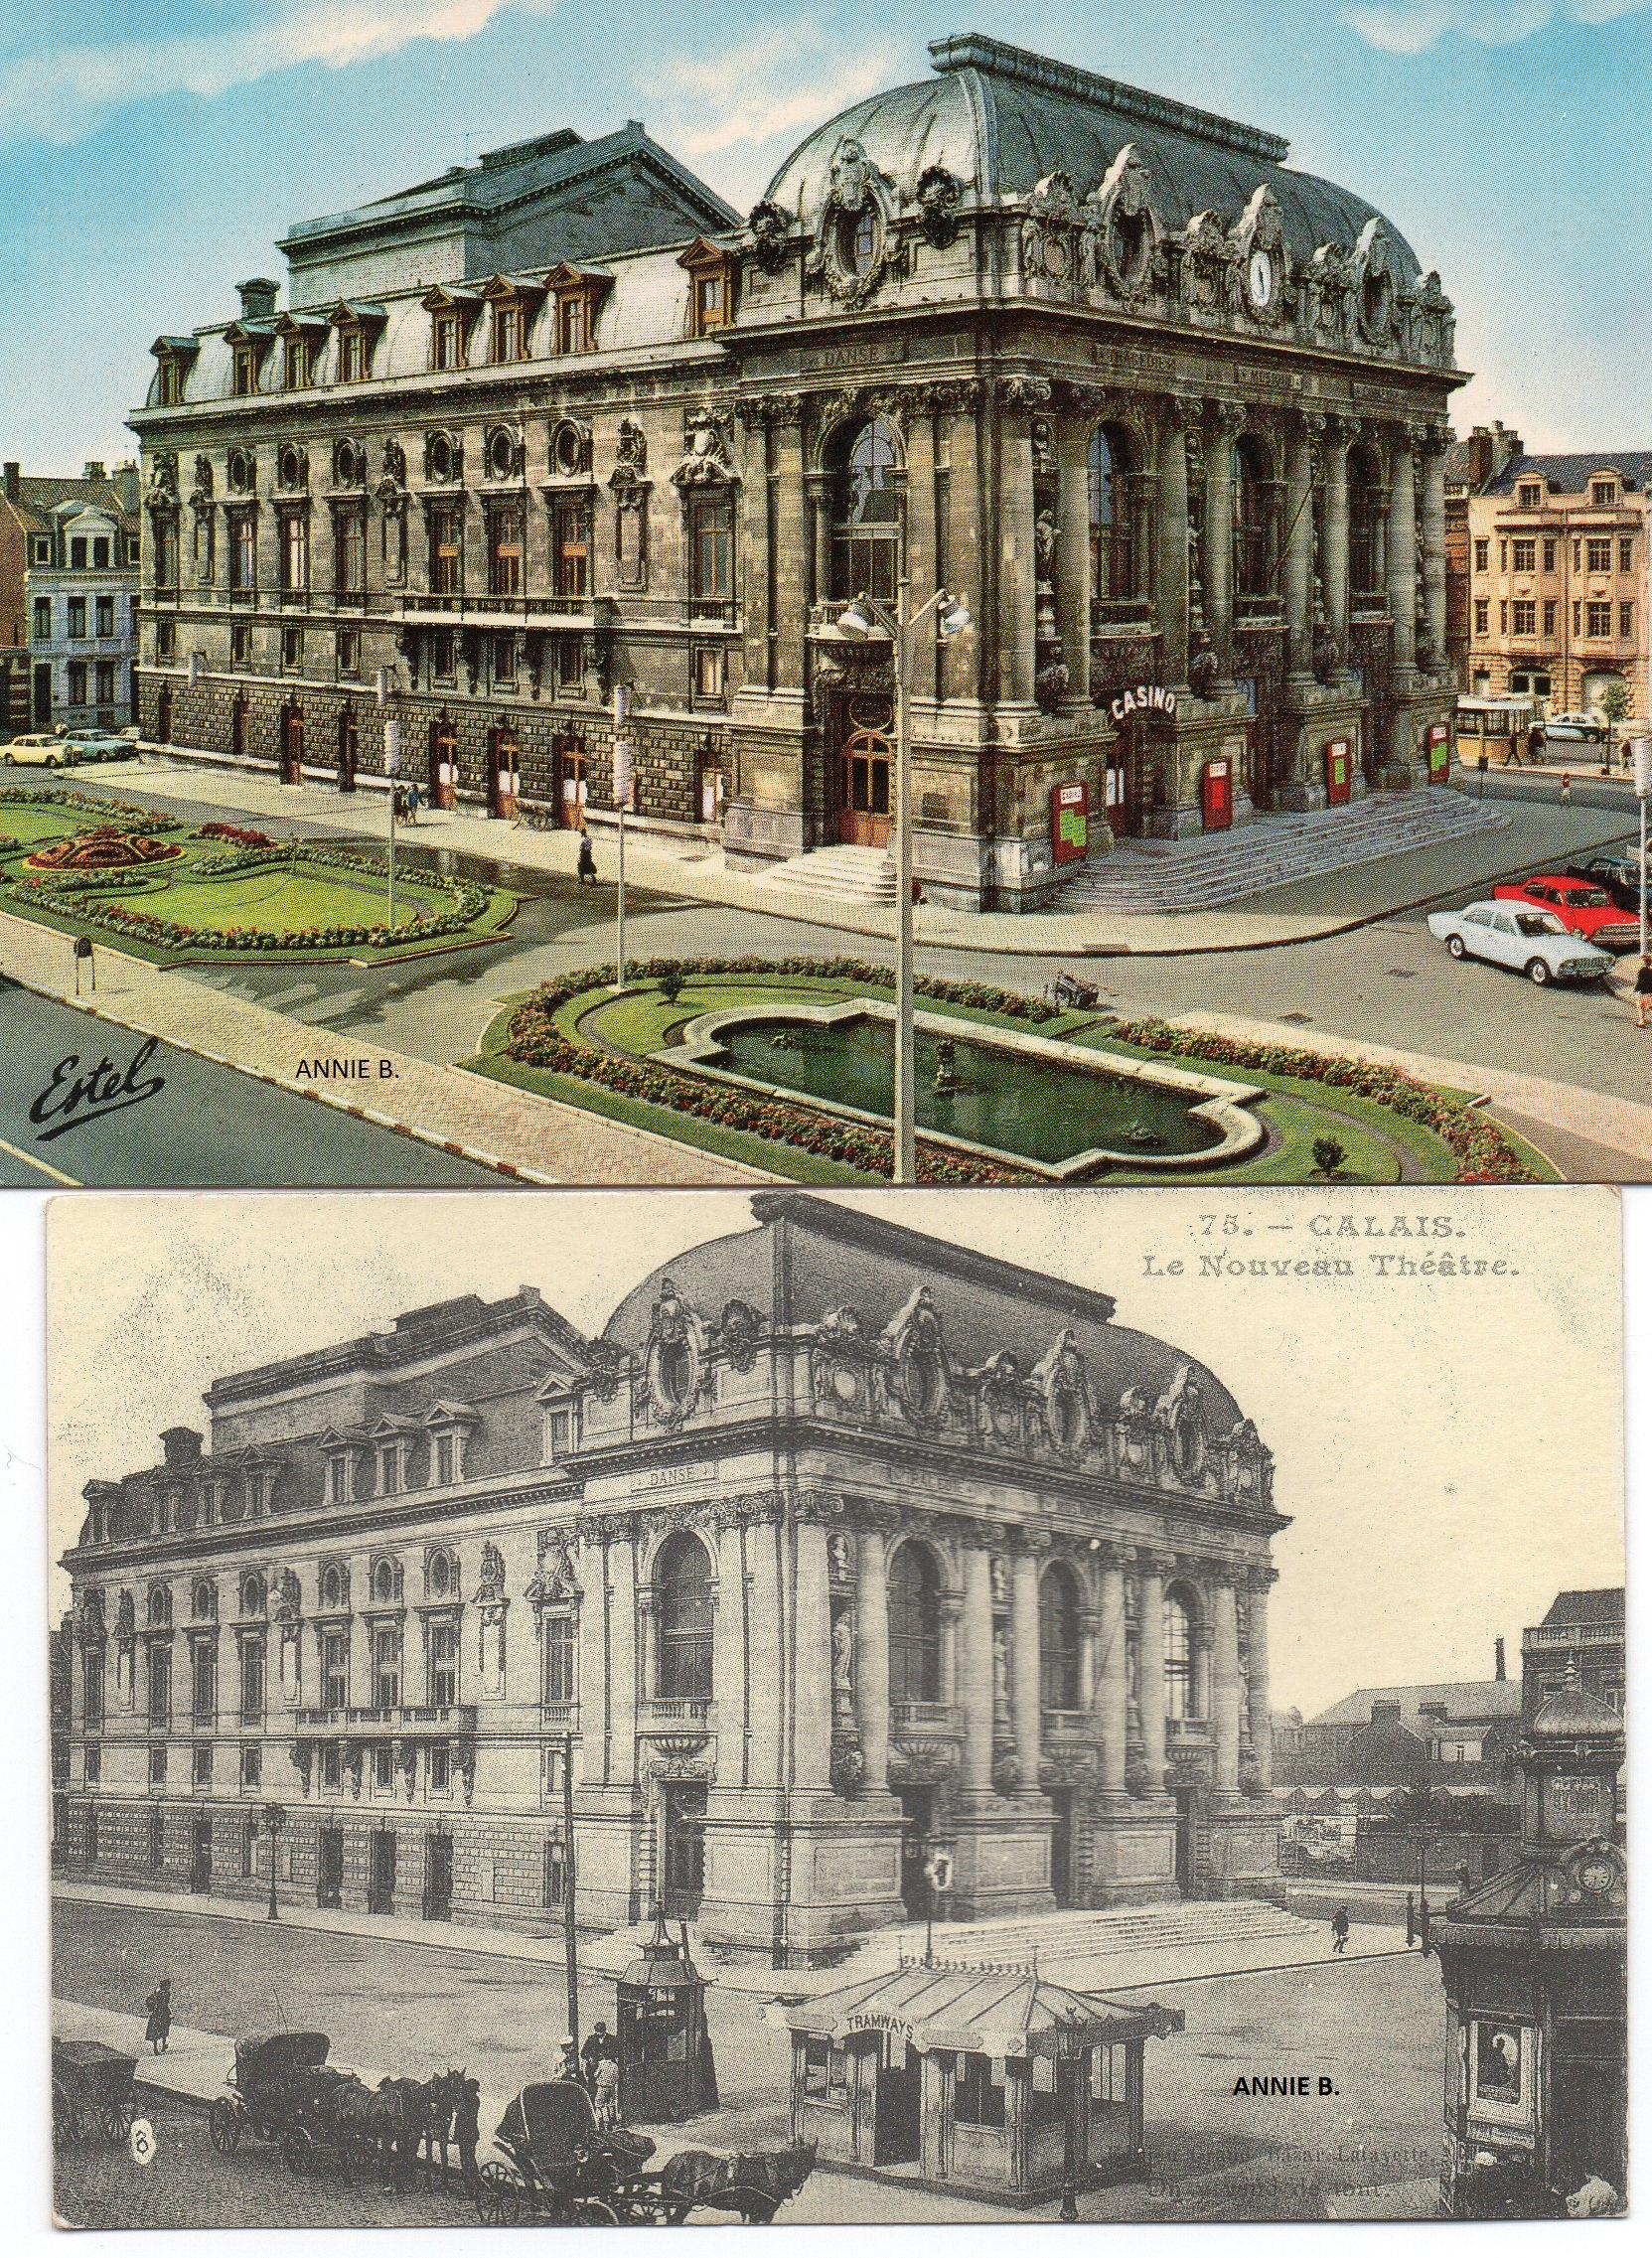 Carte postale d'autrefois du théâtre de Calais